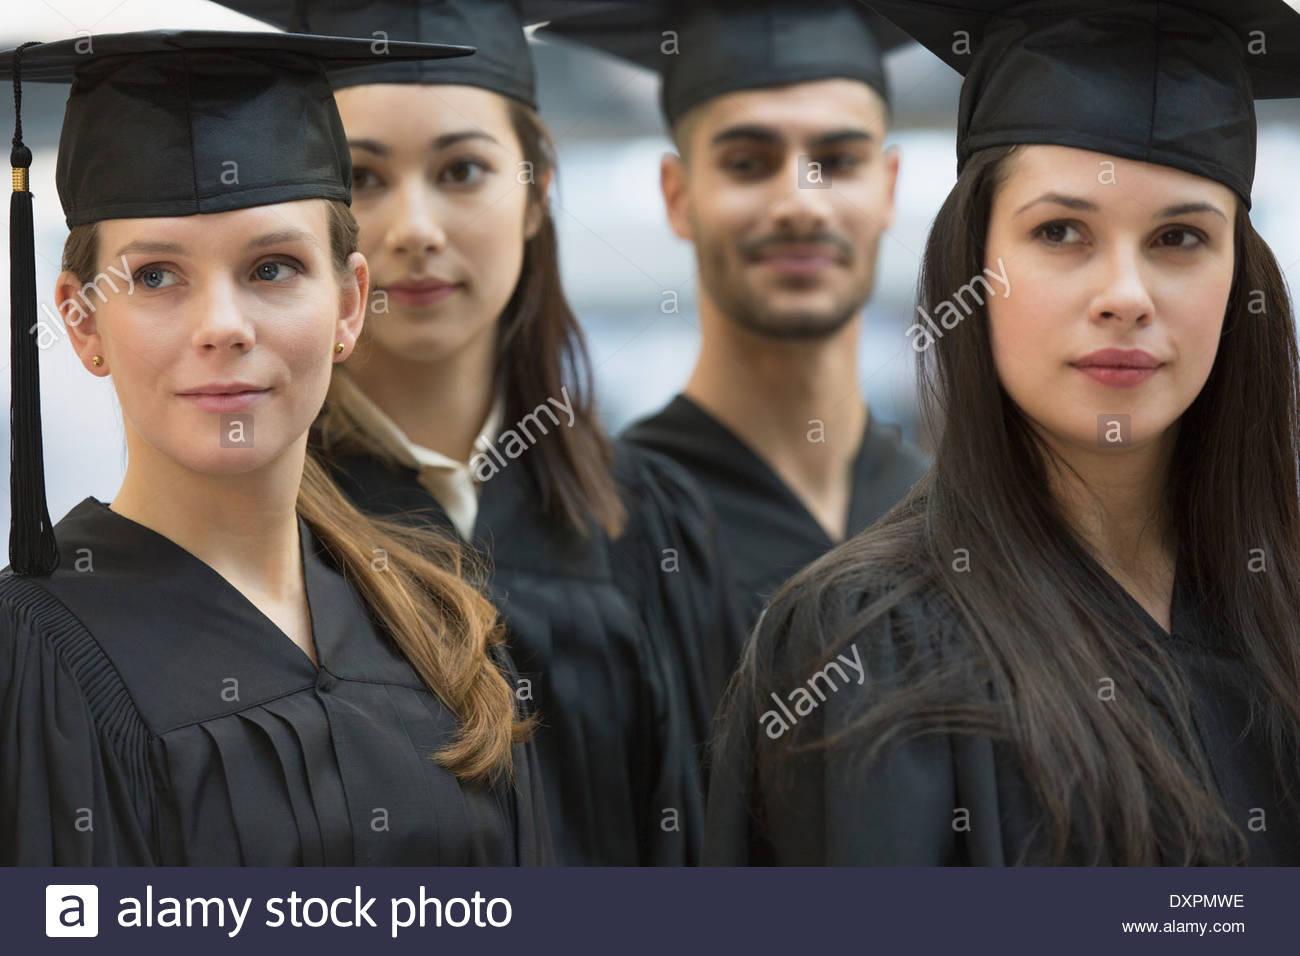 Confident college graduates - Stock Image